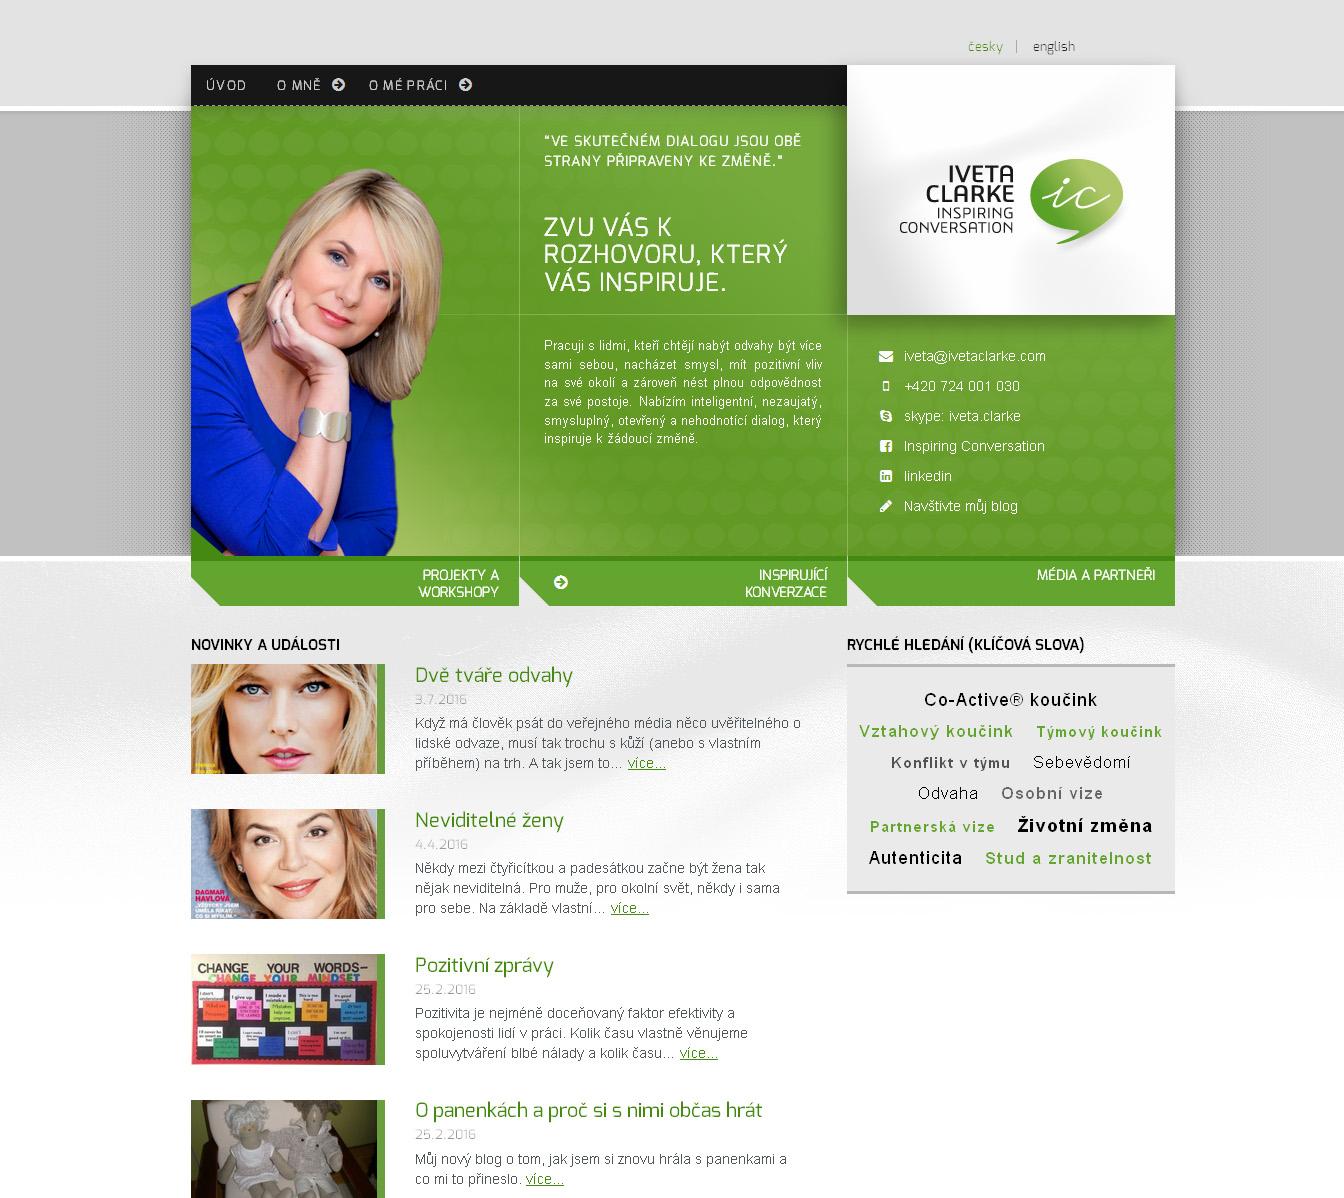 Profesní web Ivety Clarke